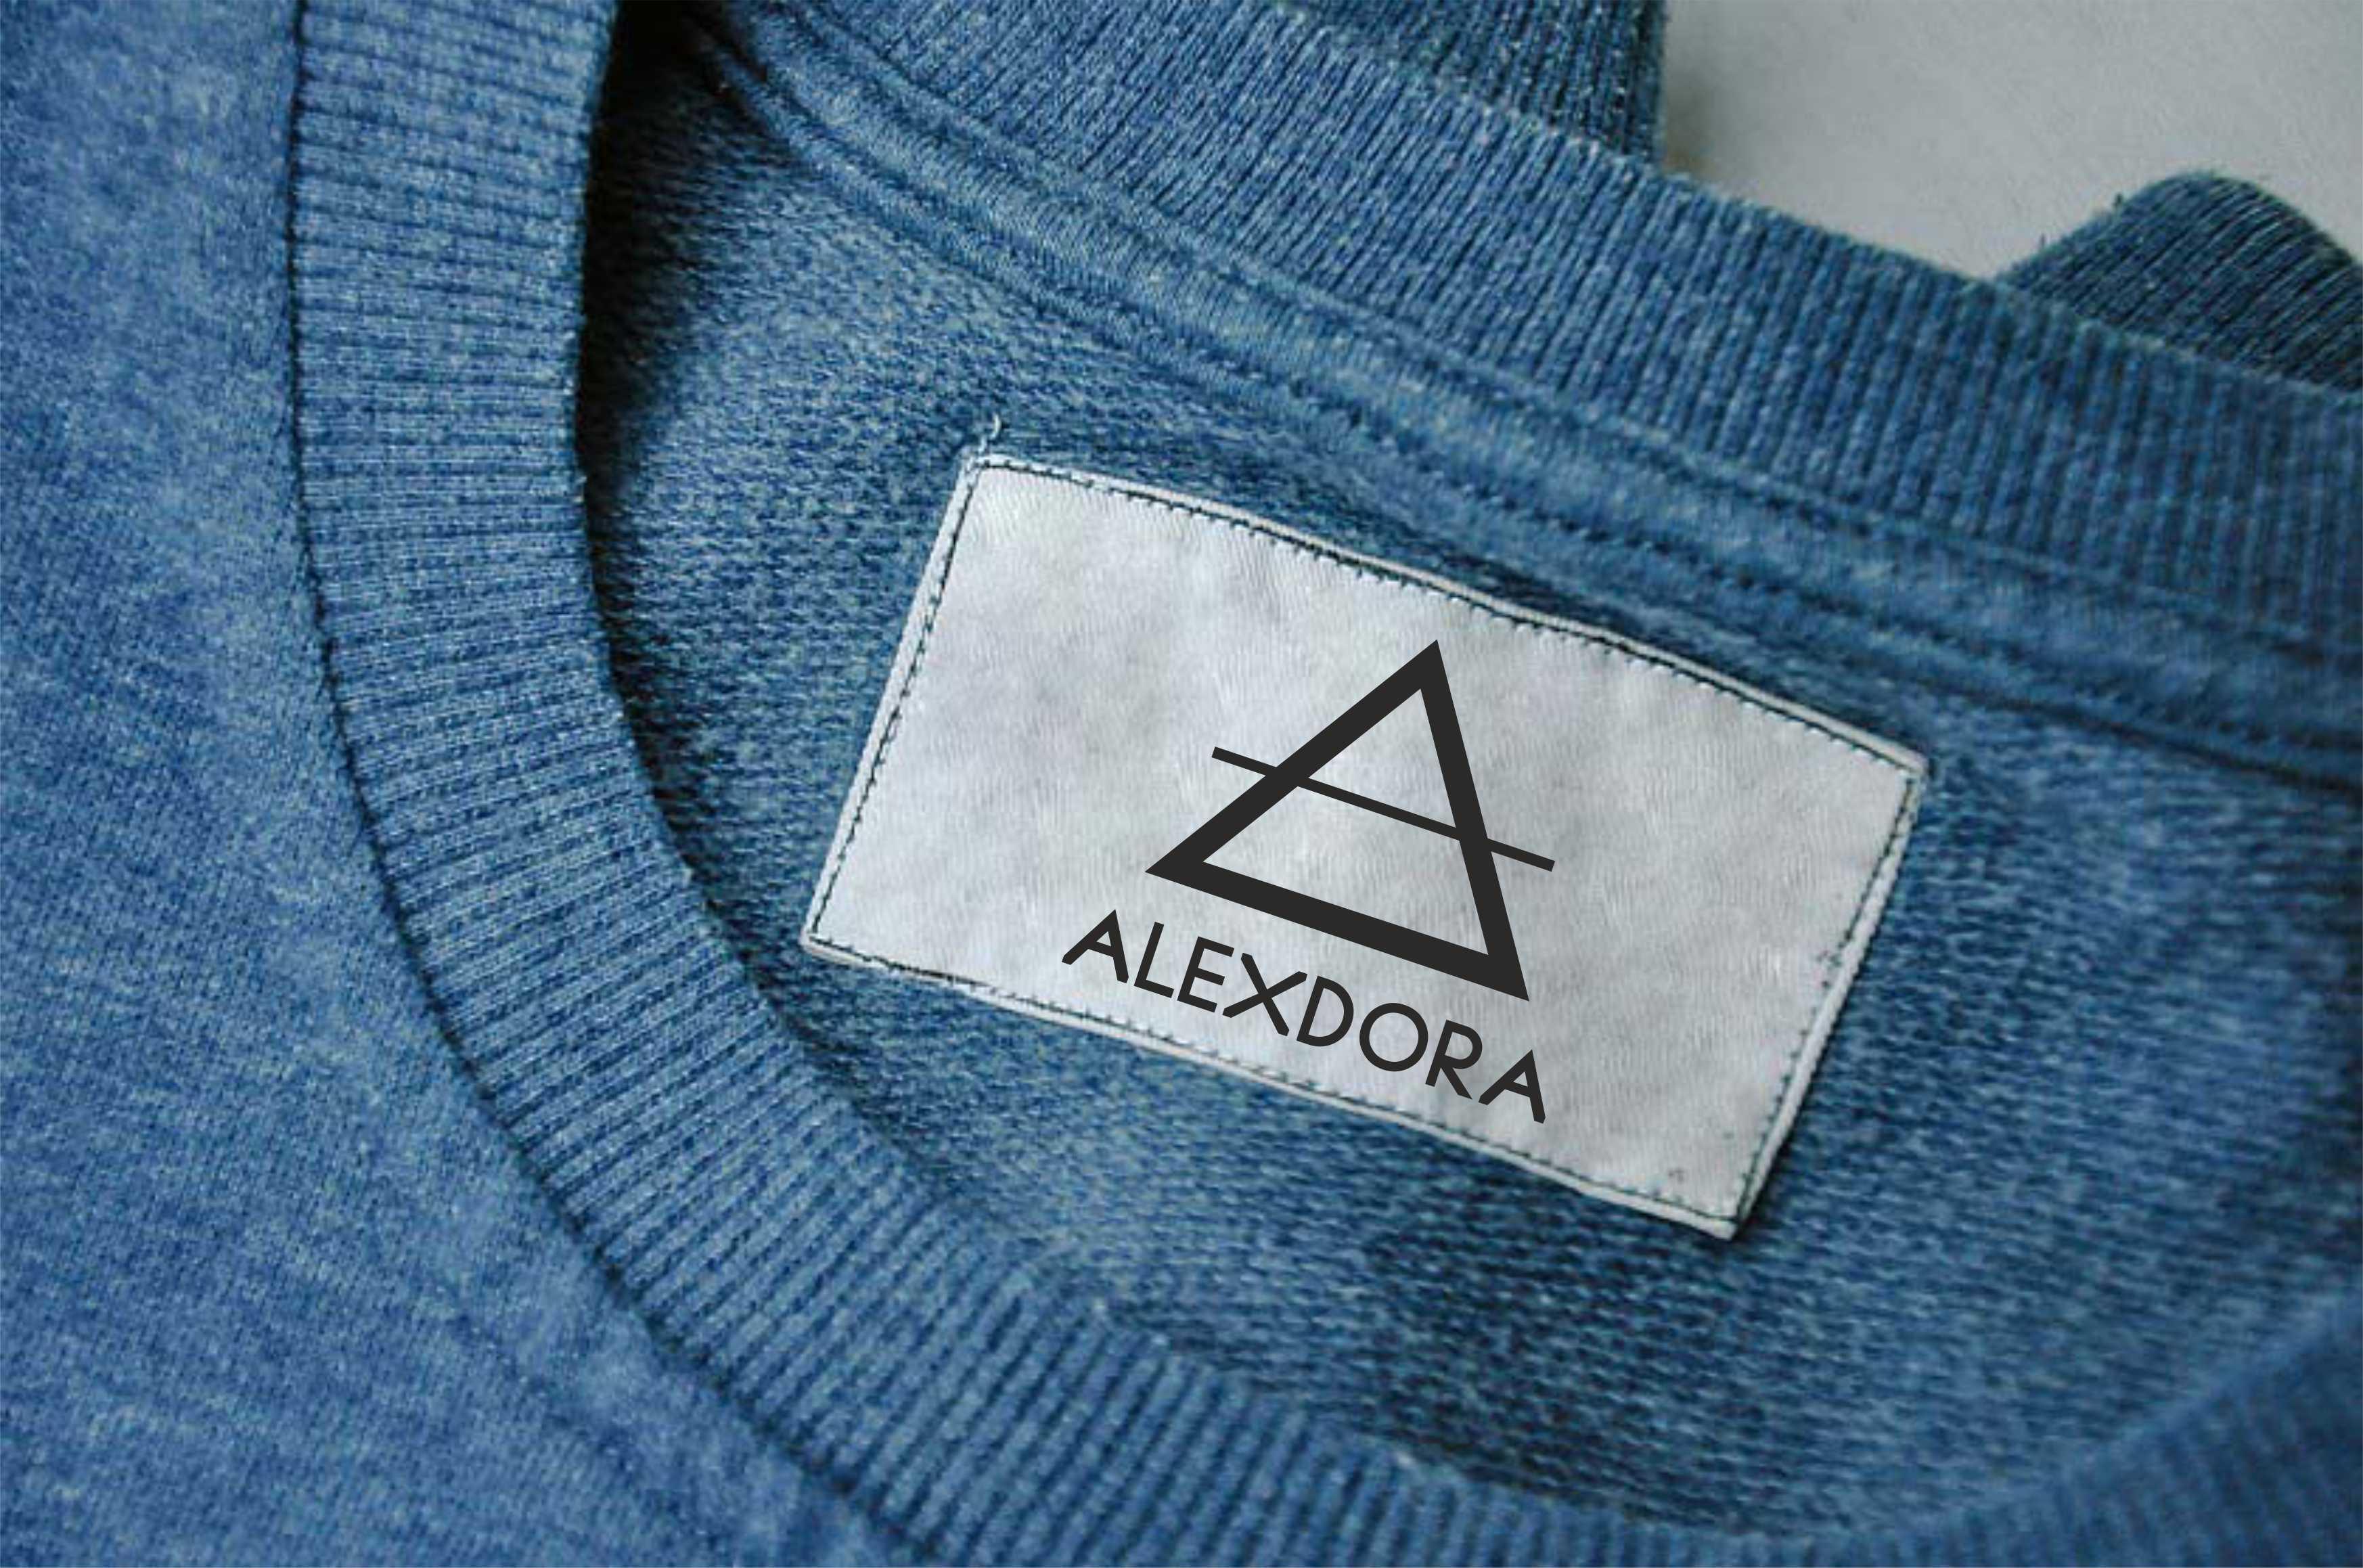 Необходим дизайнер для доработки логотипа бренда одежды фото f_8695b3935bdb4ee6.jpg